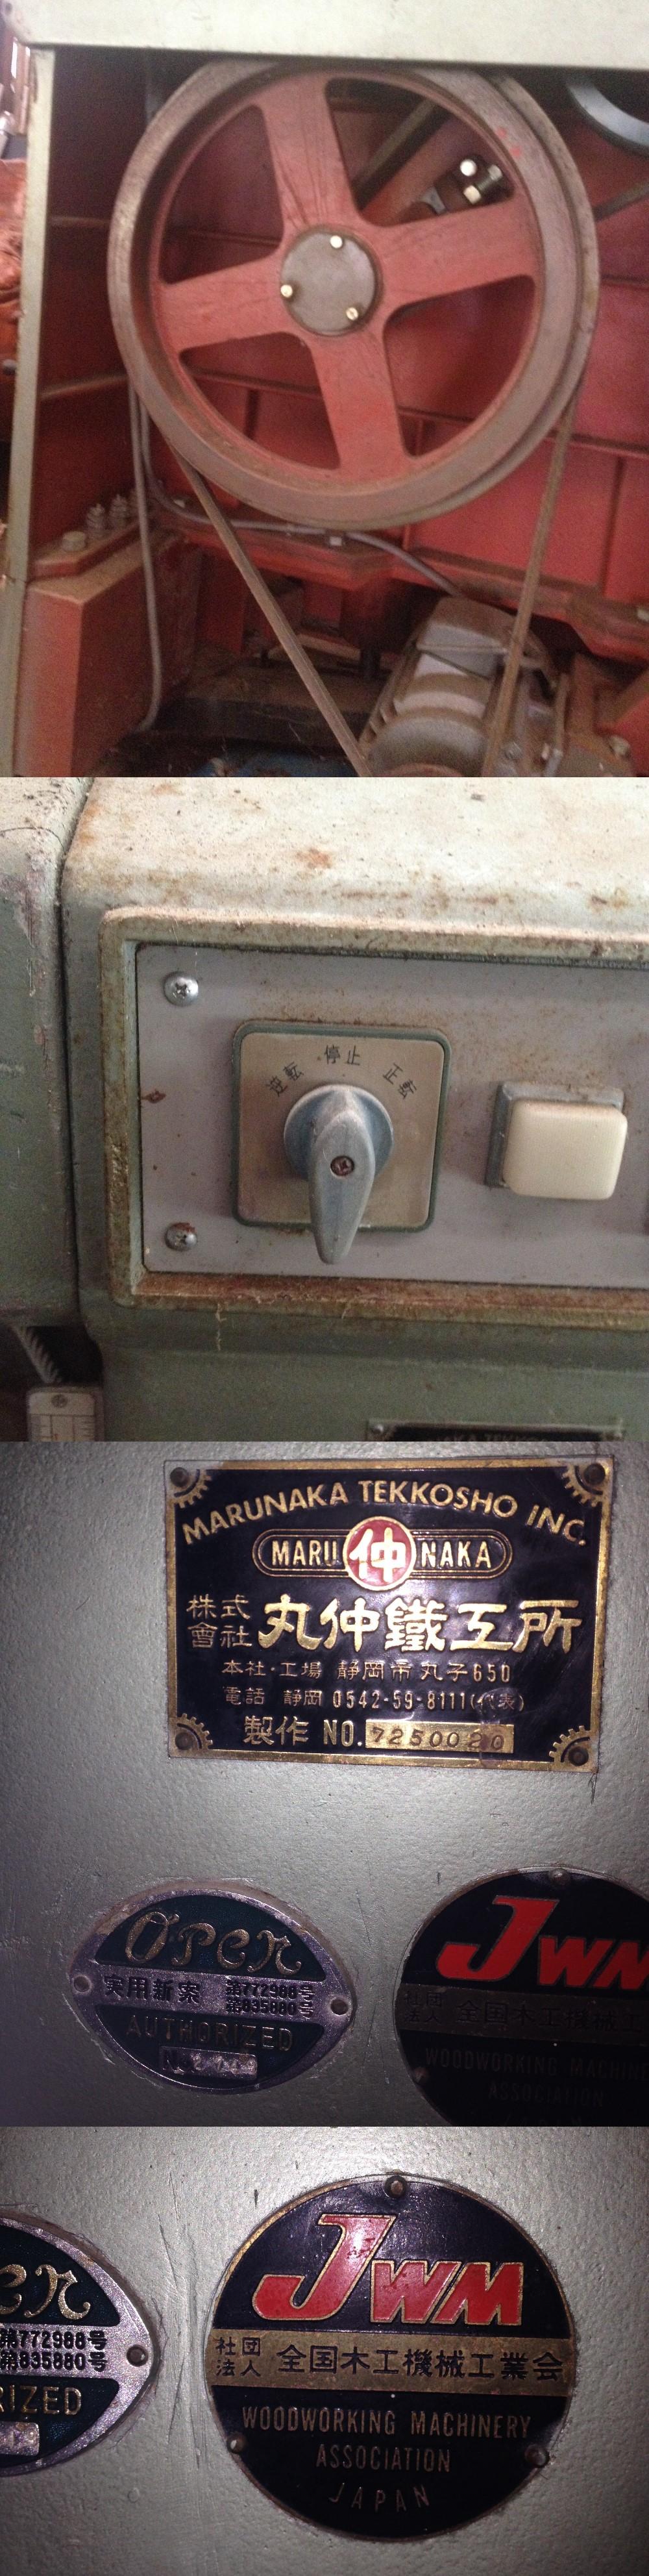 工作機械5